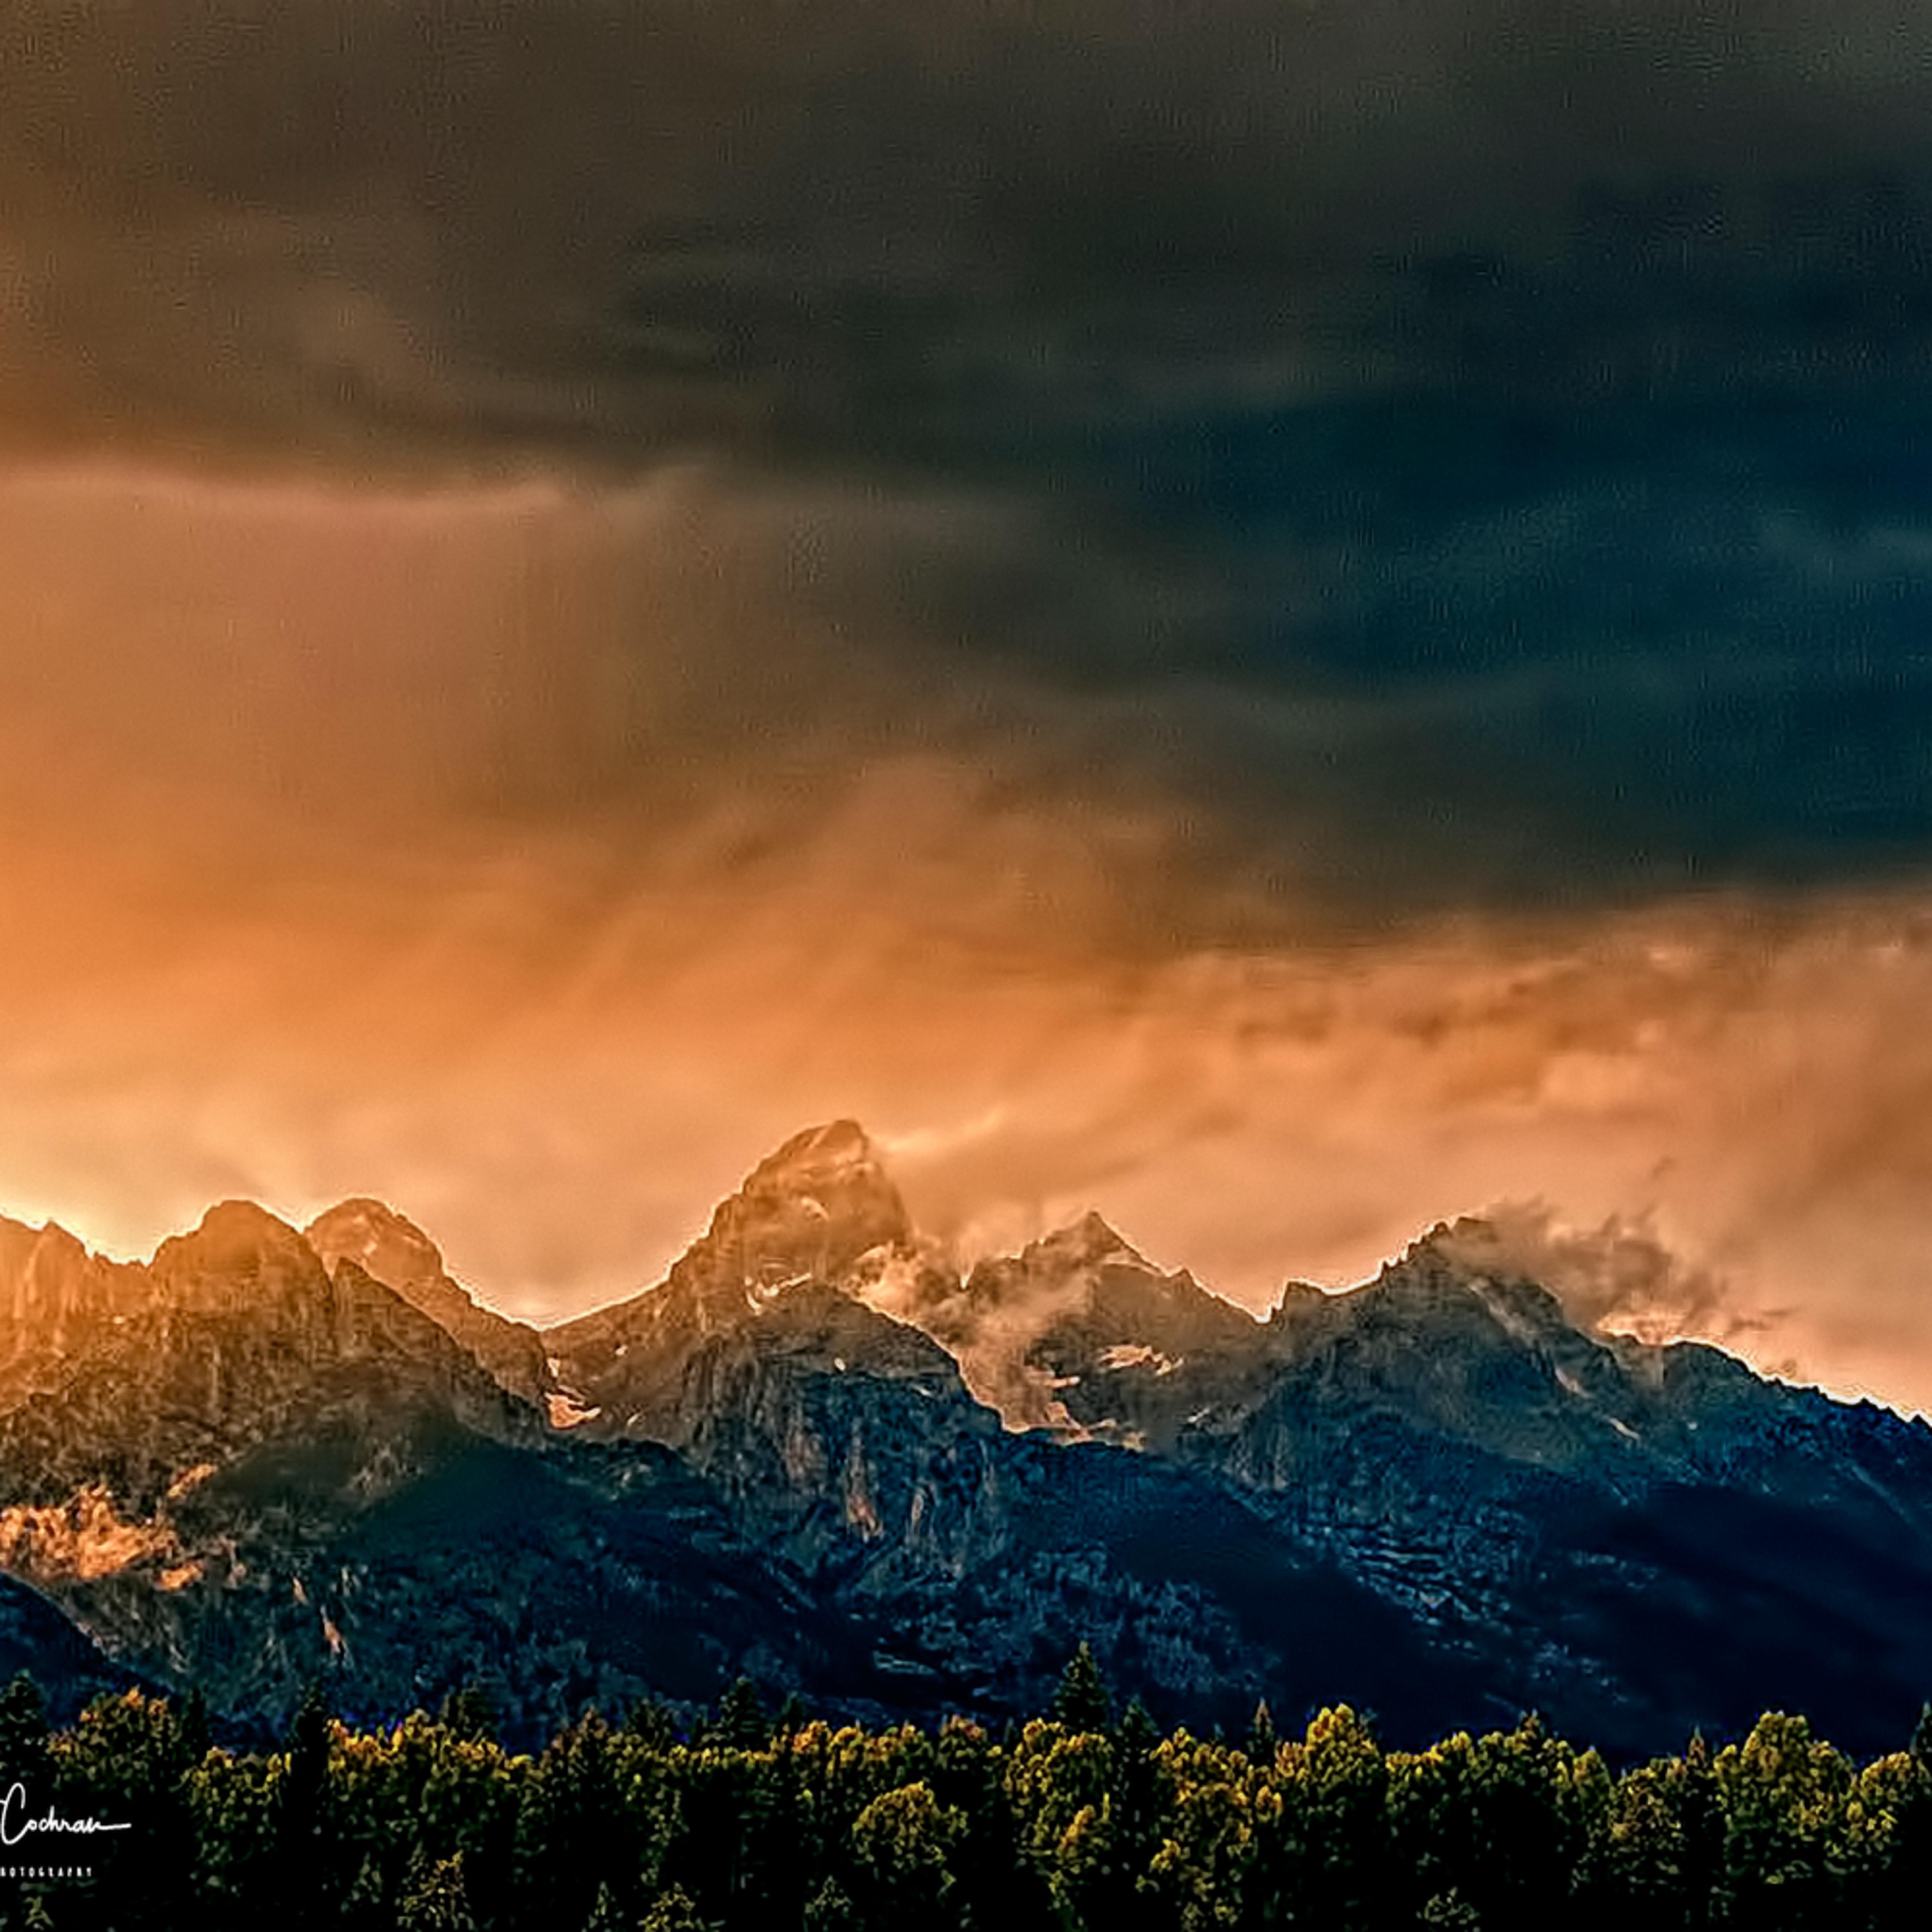 Thunder peaks fphbzj